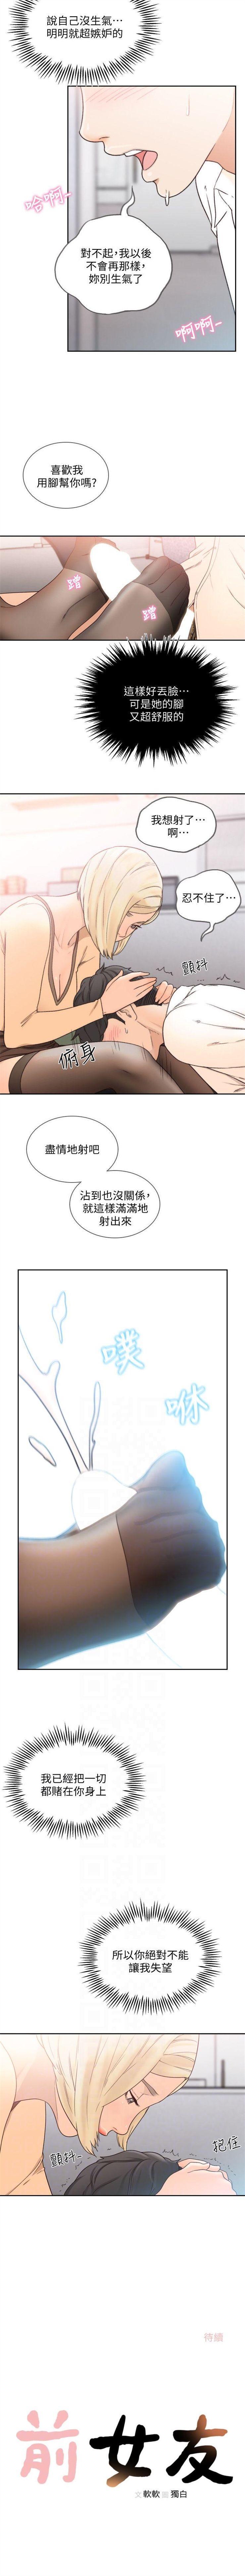 前女友 1-48 中文翻译(更新中) 153